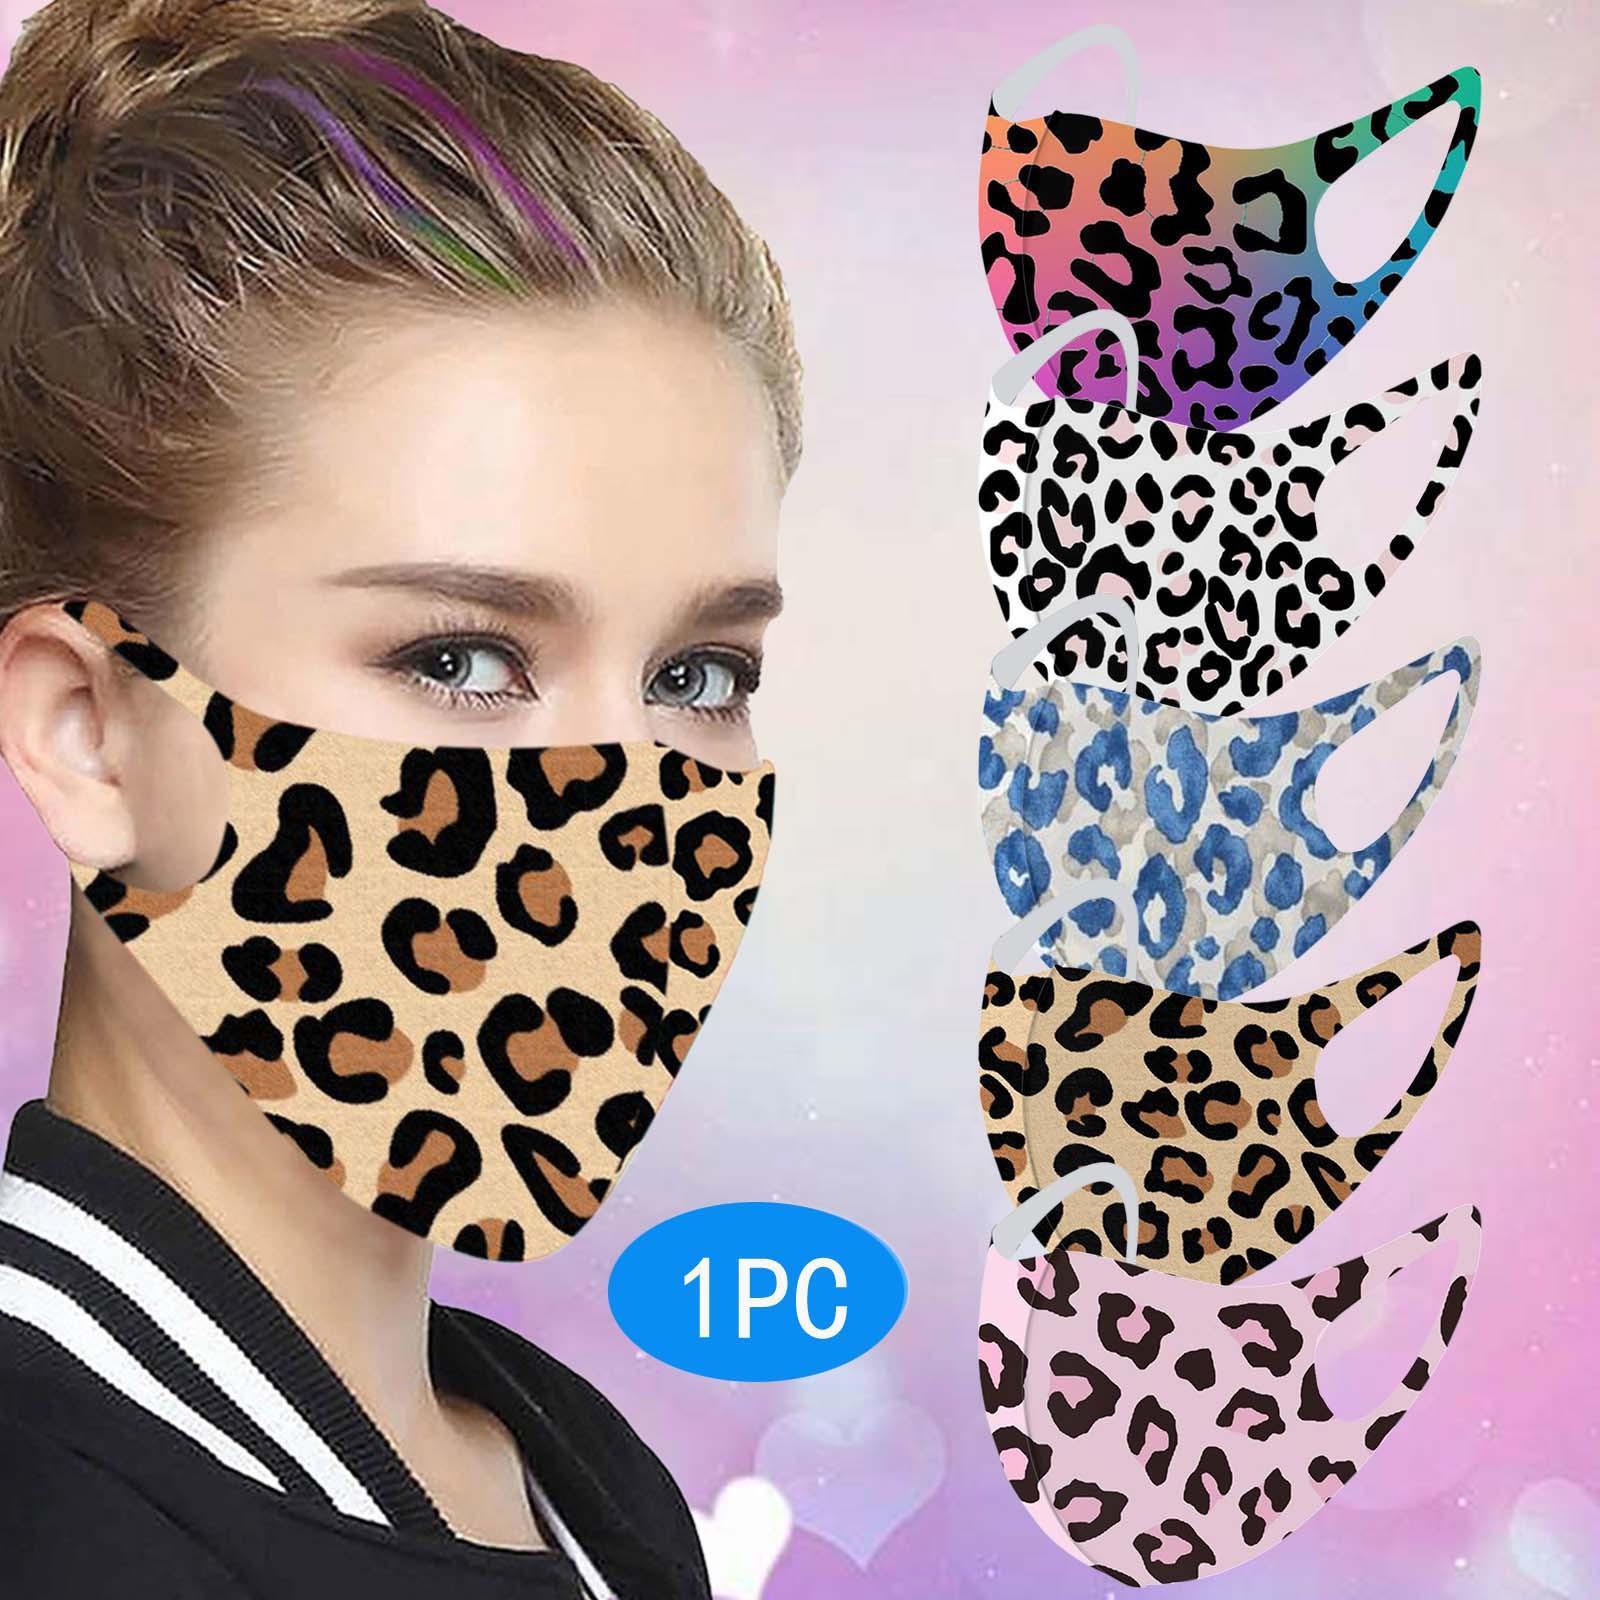 Leopard Print Ice Silk защитный Хэллоуин косплей моющиеся повторные использование маски для лица со взрослыми женщинами дышащие